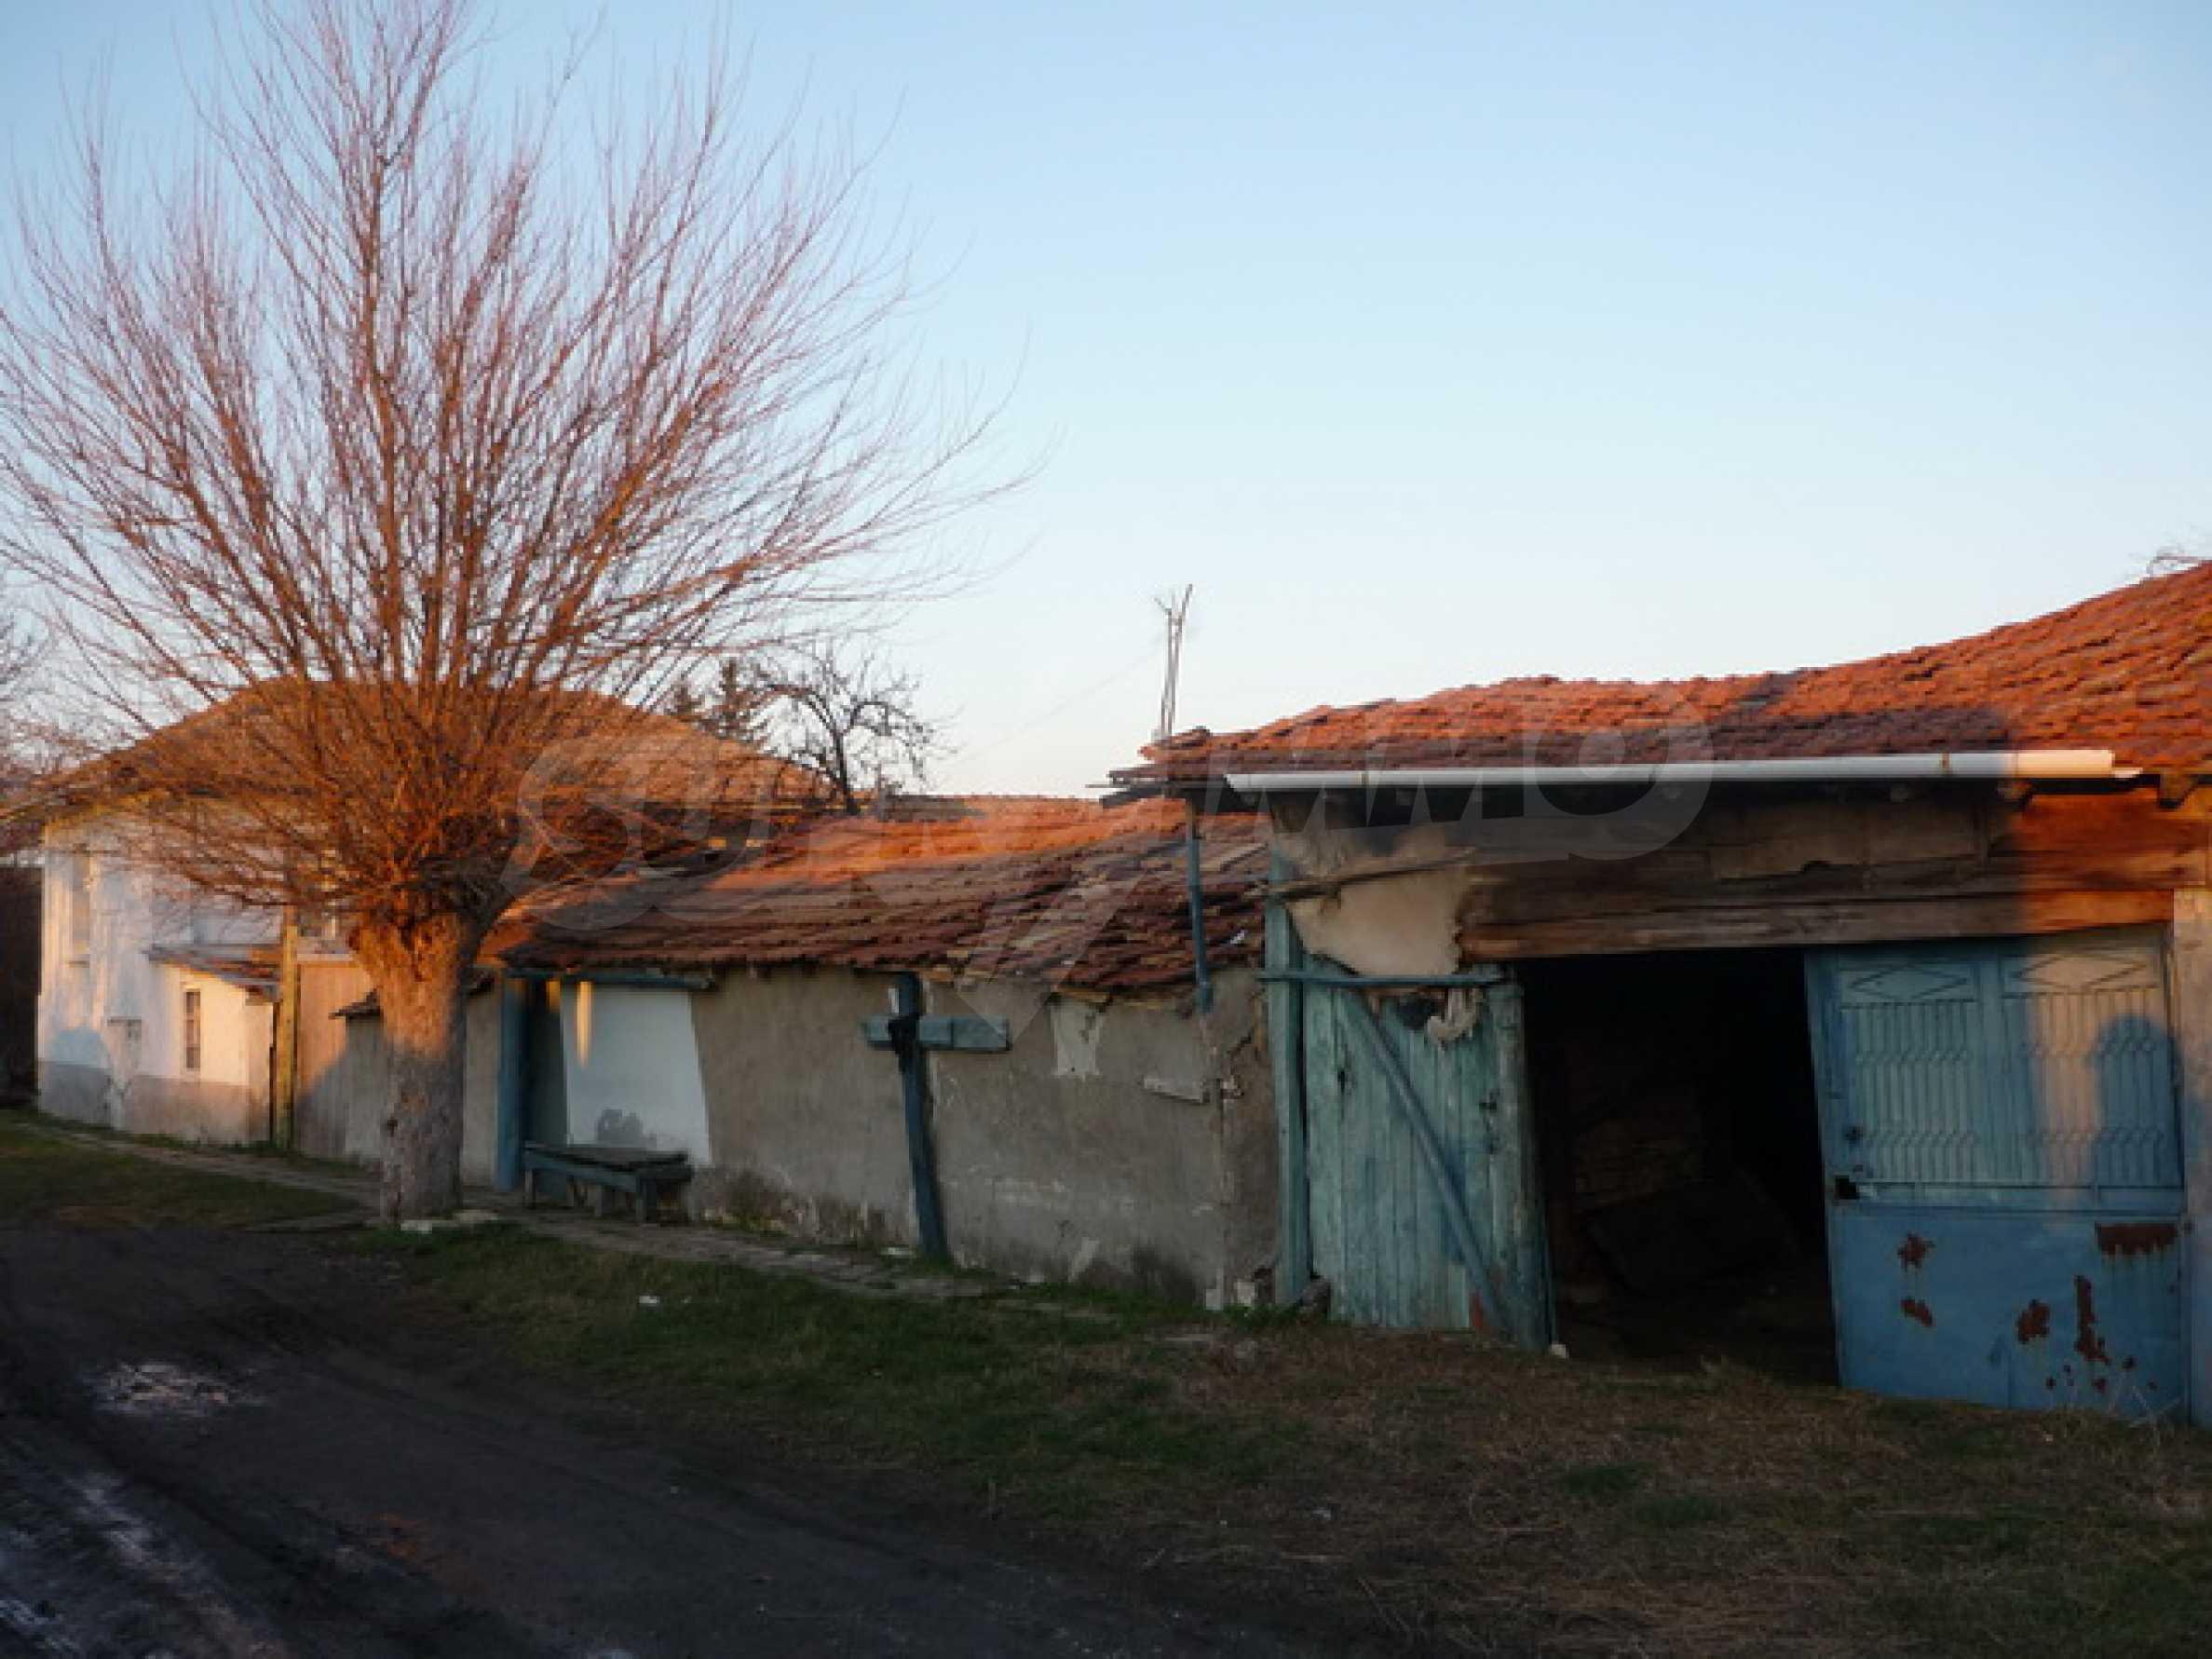 Zweistöckiges Haus zum Verkauf in einem Dorf 40 km von Veliko Tarnovo entfernt 1